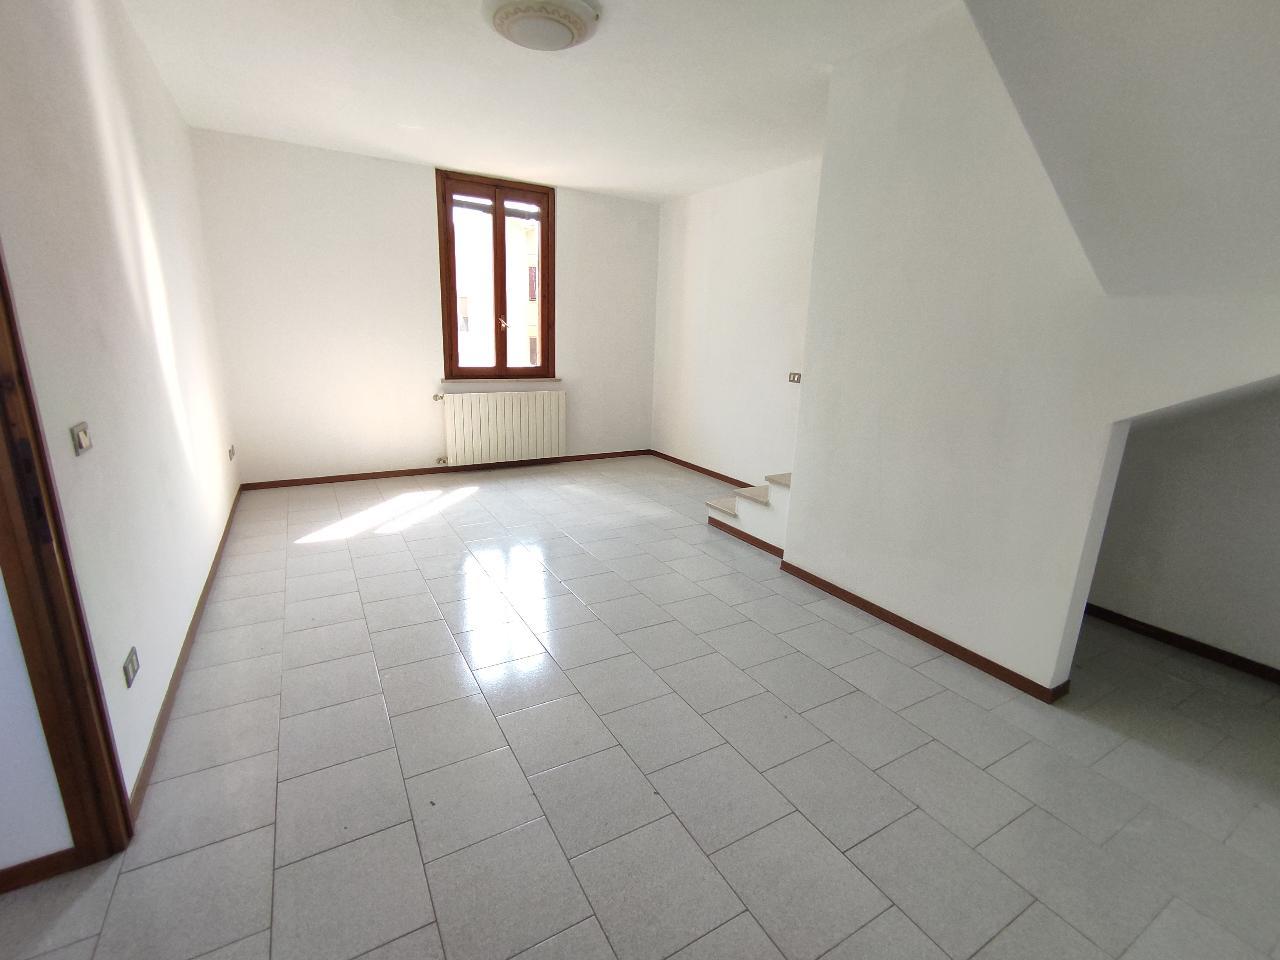 Appartamento CREMONA Euro 80.000,00